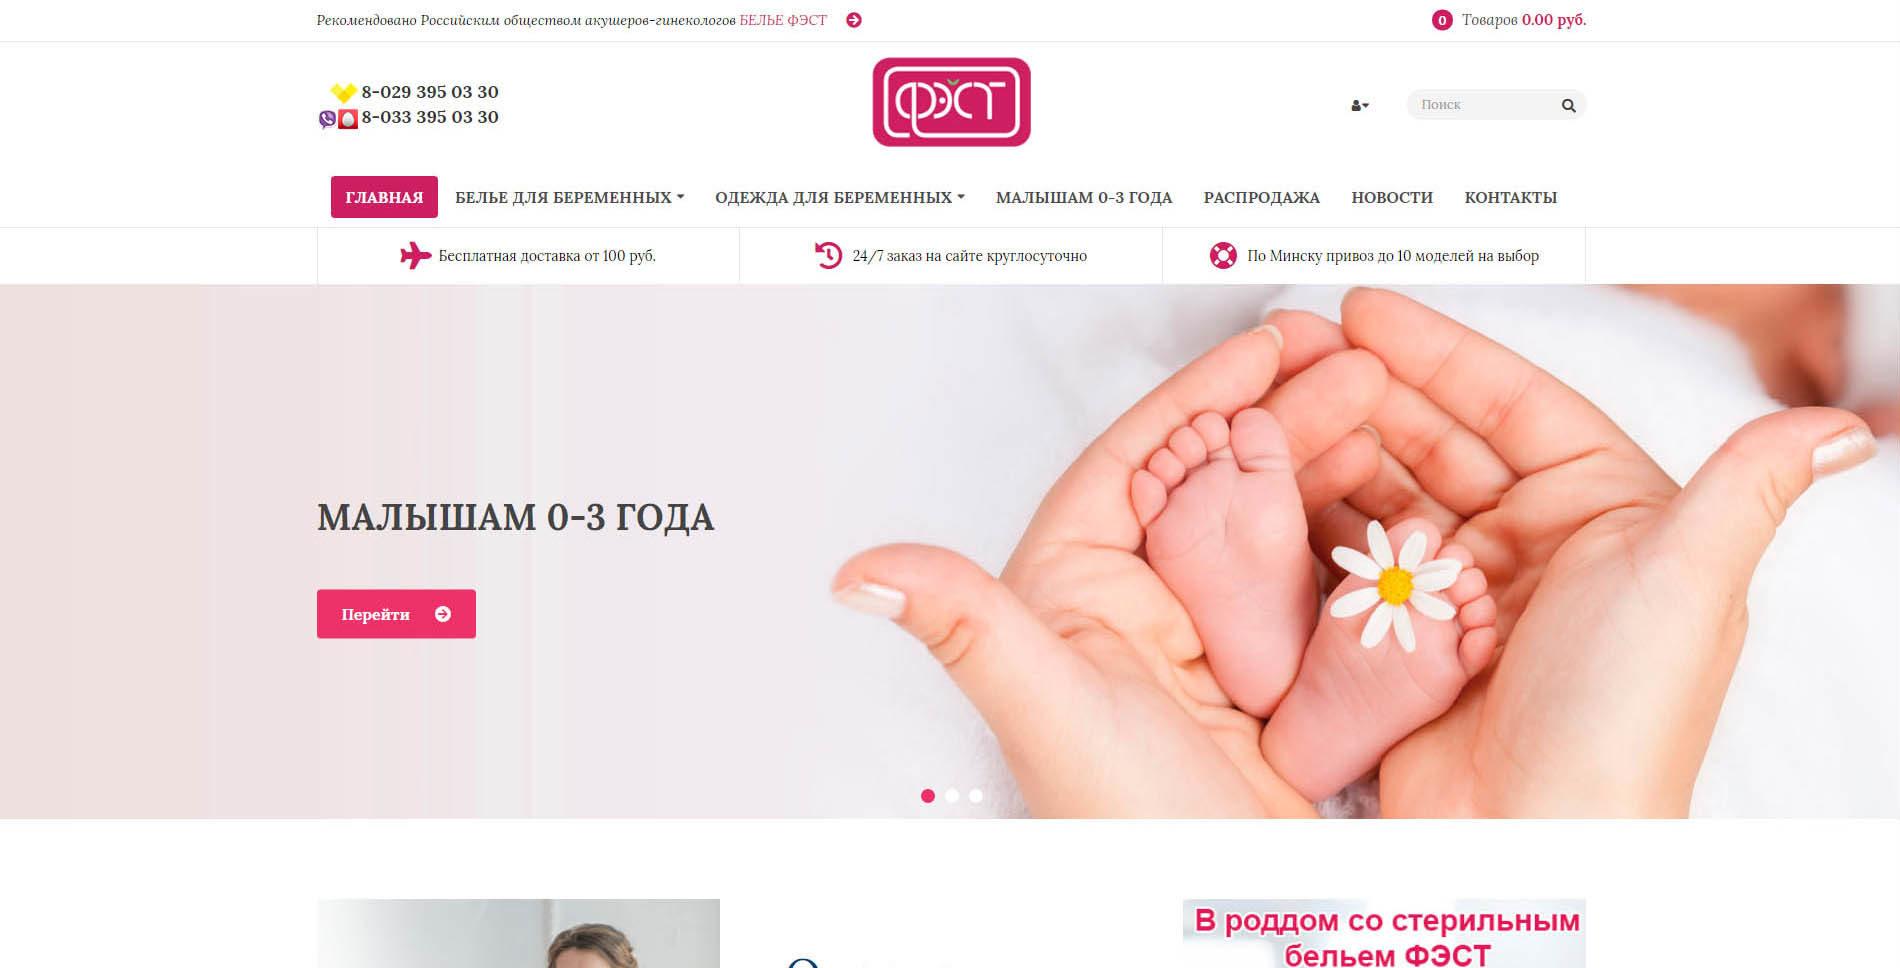 http://razrabotka-sajtov.by/wp-content/uploads/2020/04/mama-fest-1900x968.jpg